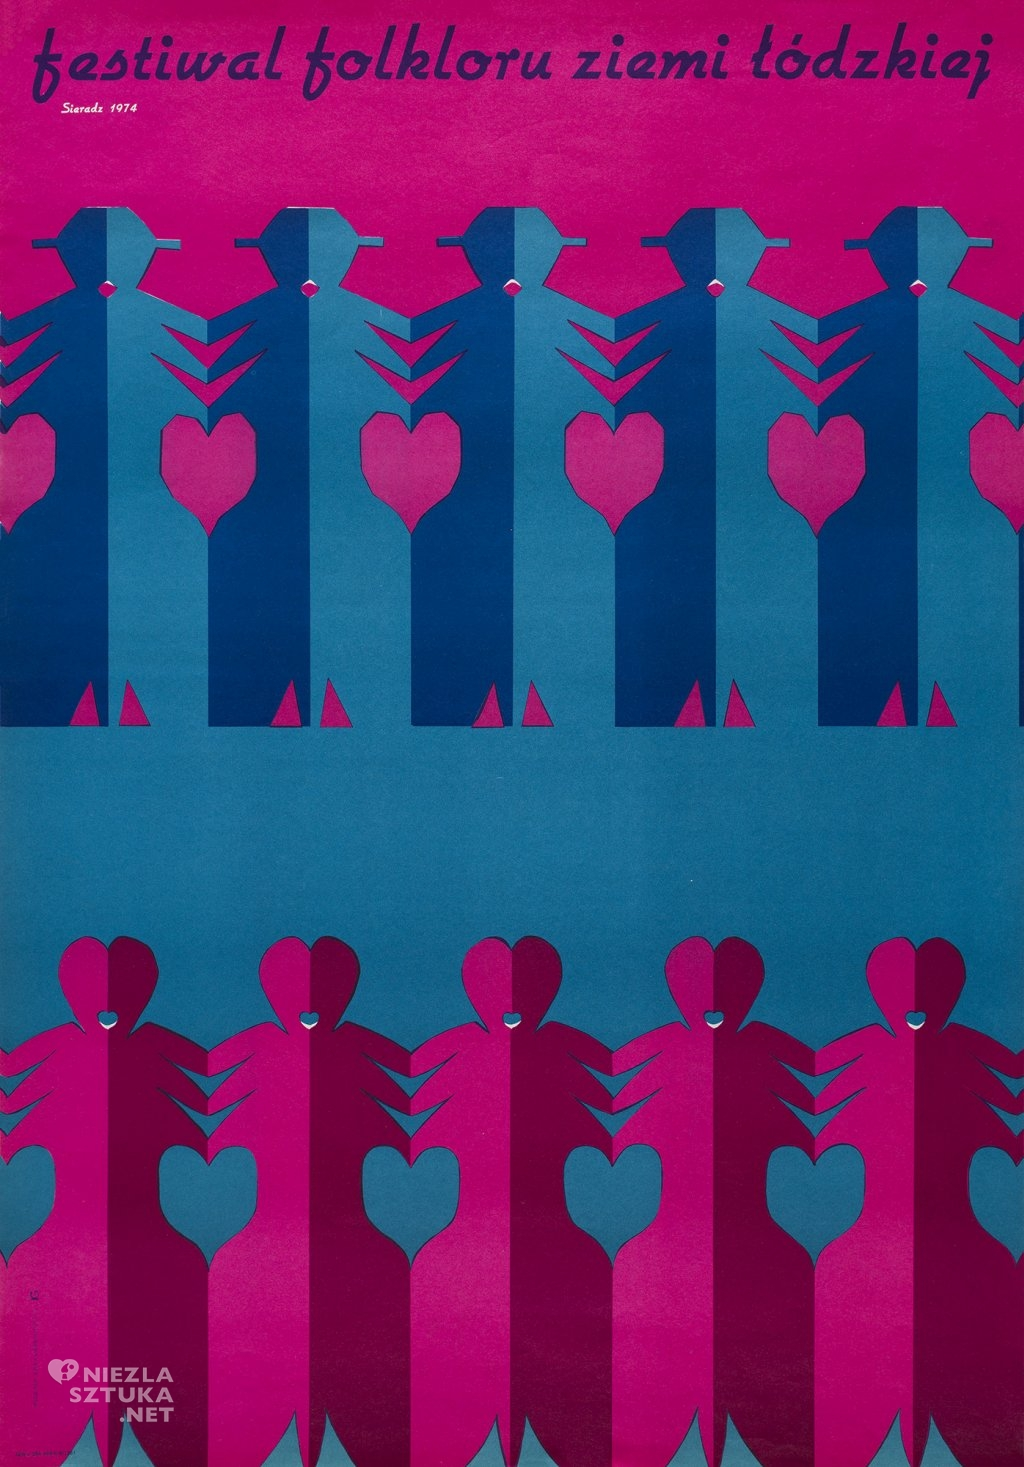 Festiwal folkloru ziemi łódzkiej Sieradz 1974, offset barwny, papier 97,5x67,5 cm